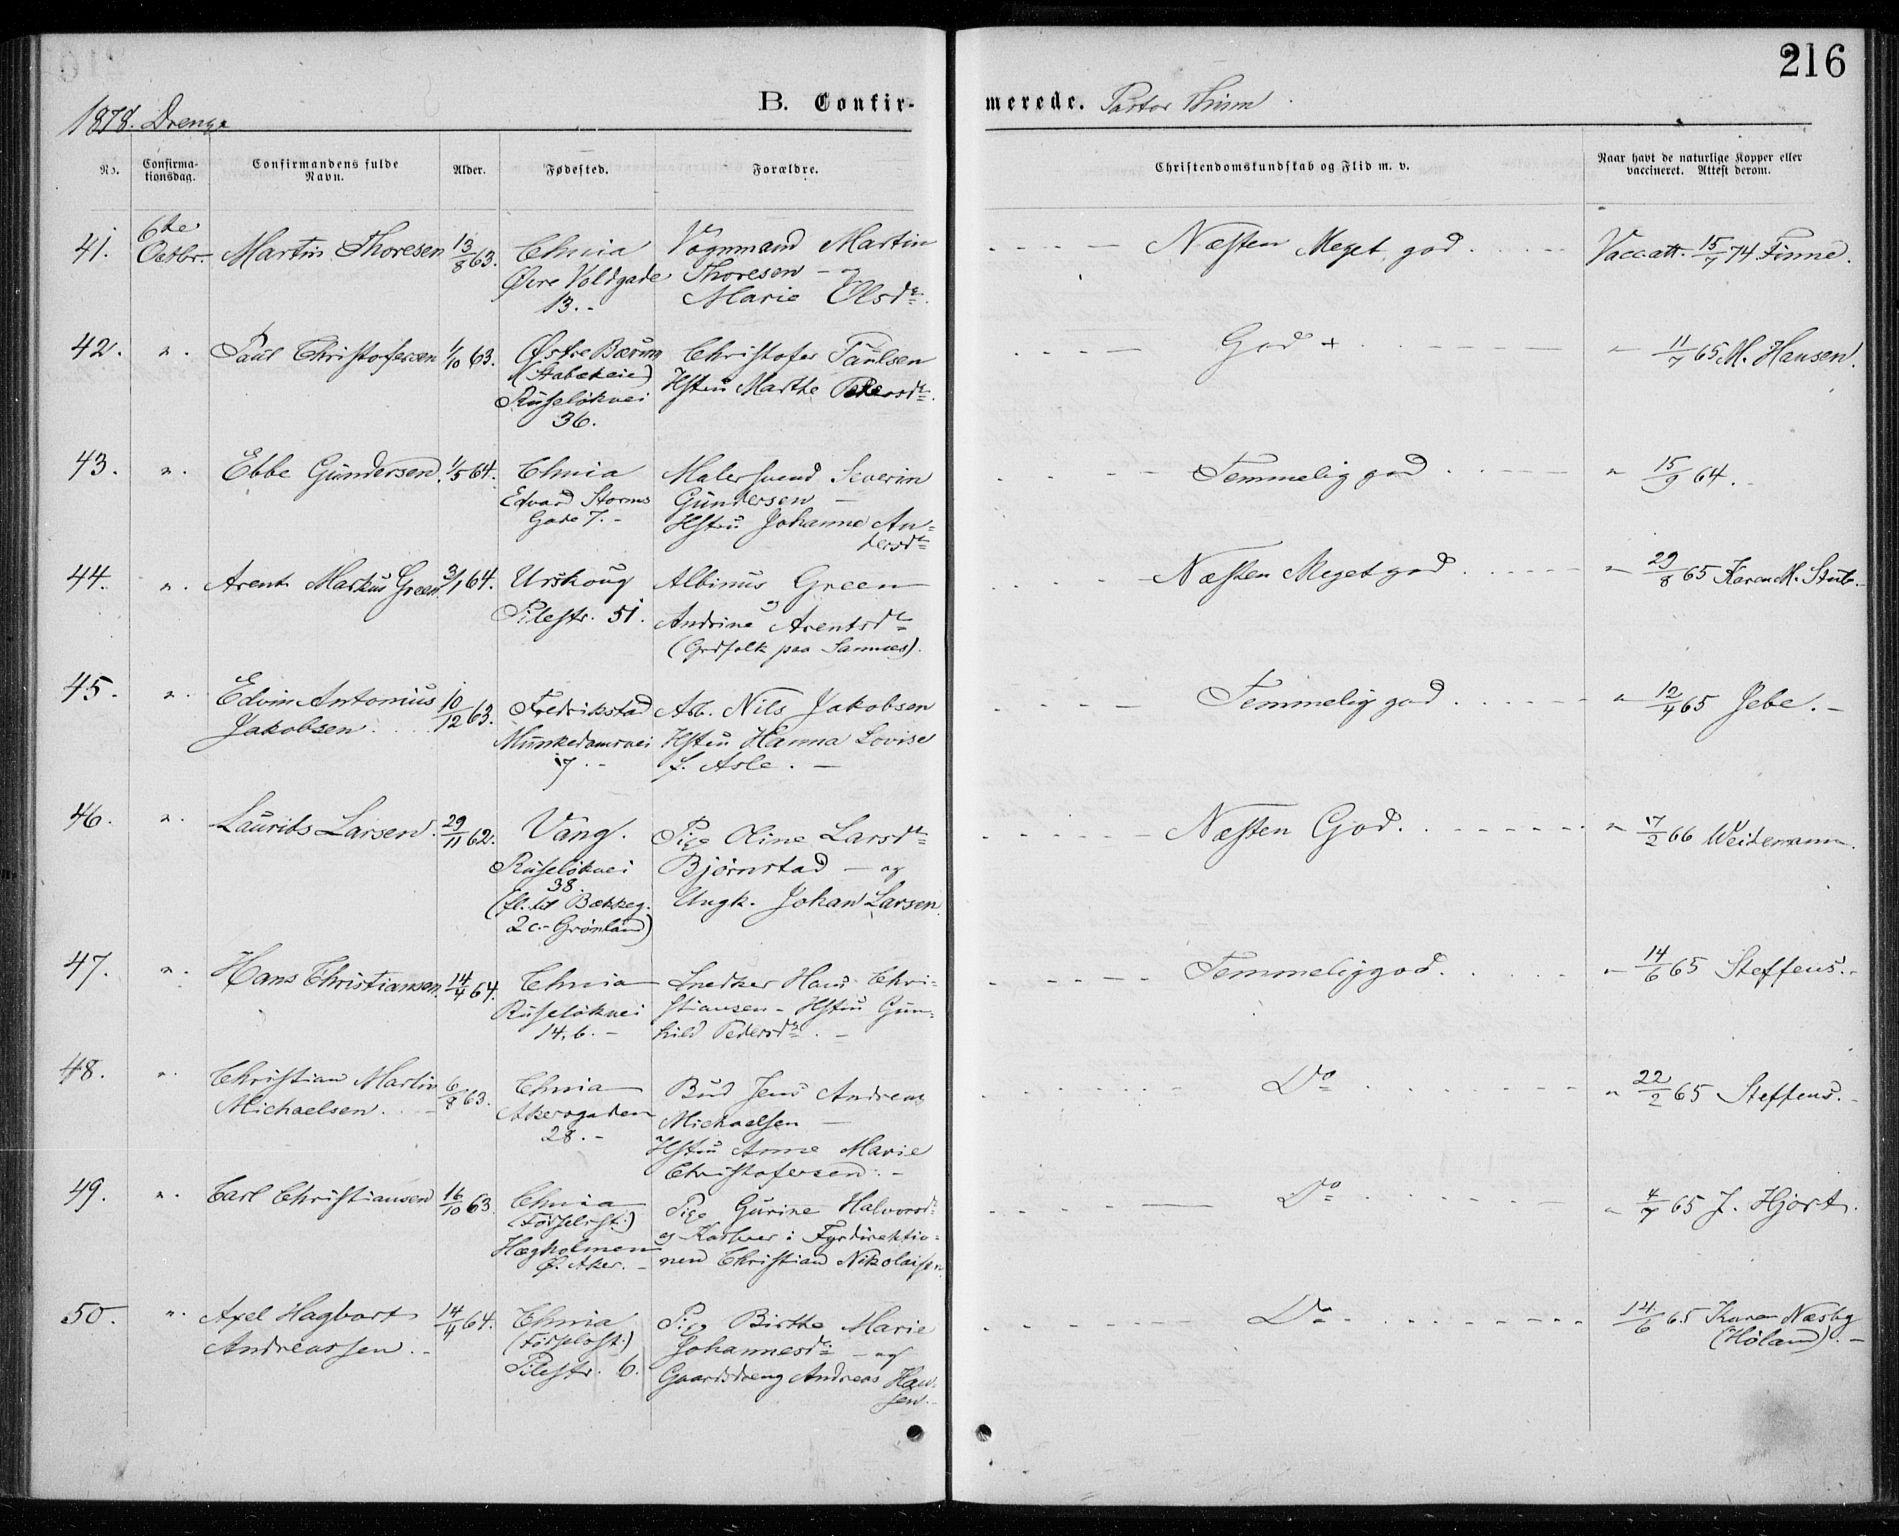 SAO, Trefoldighet prestekontor Kirkebøker, F/Fb/L0002: Ministerialbok nr. II 2, 1871-1880, s. 216